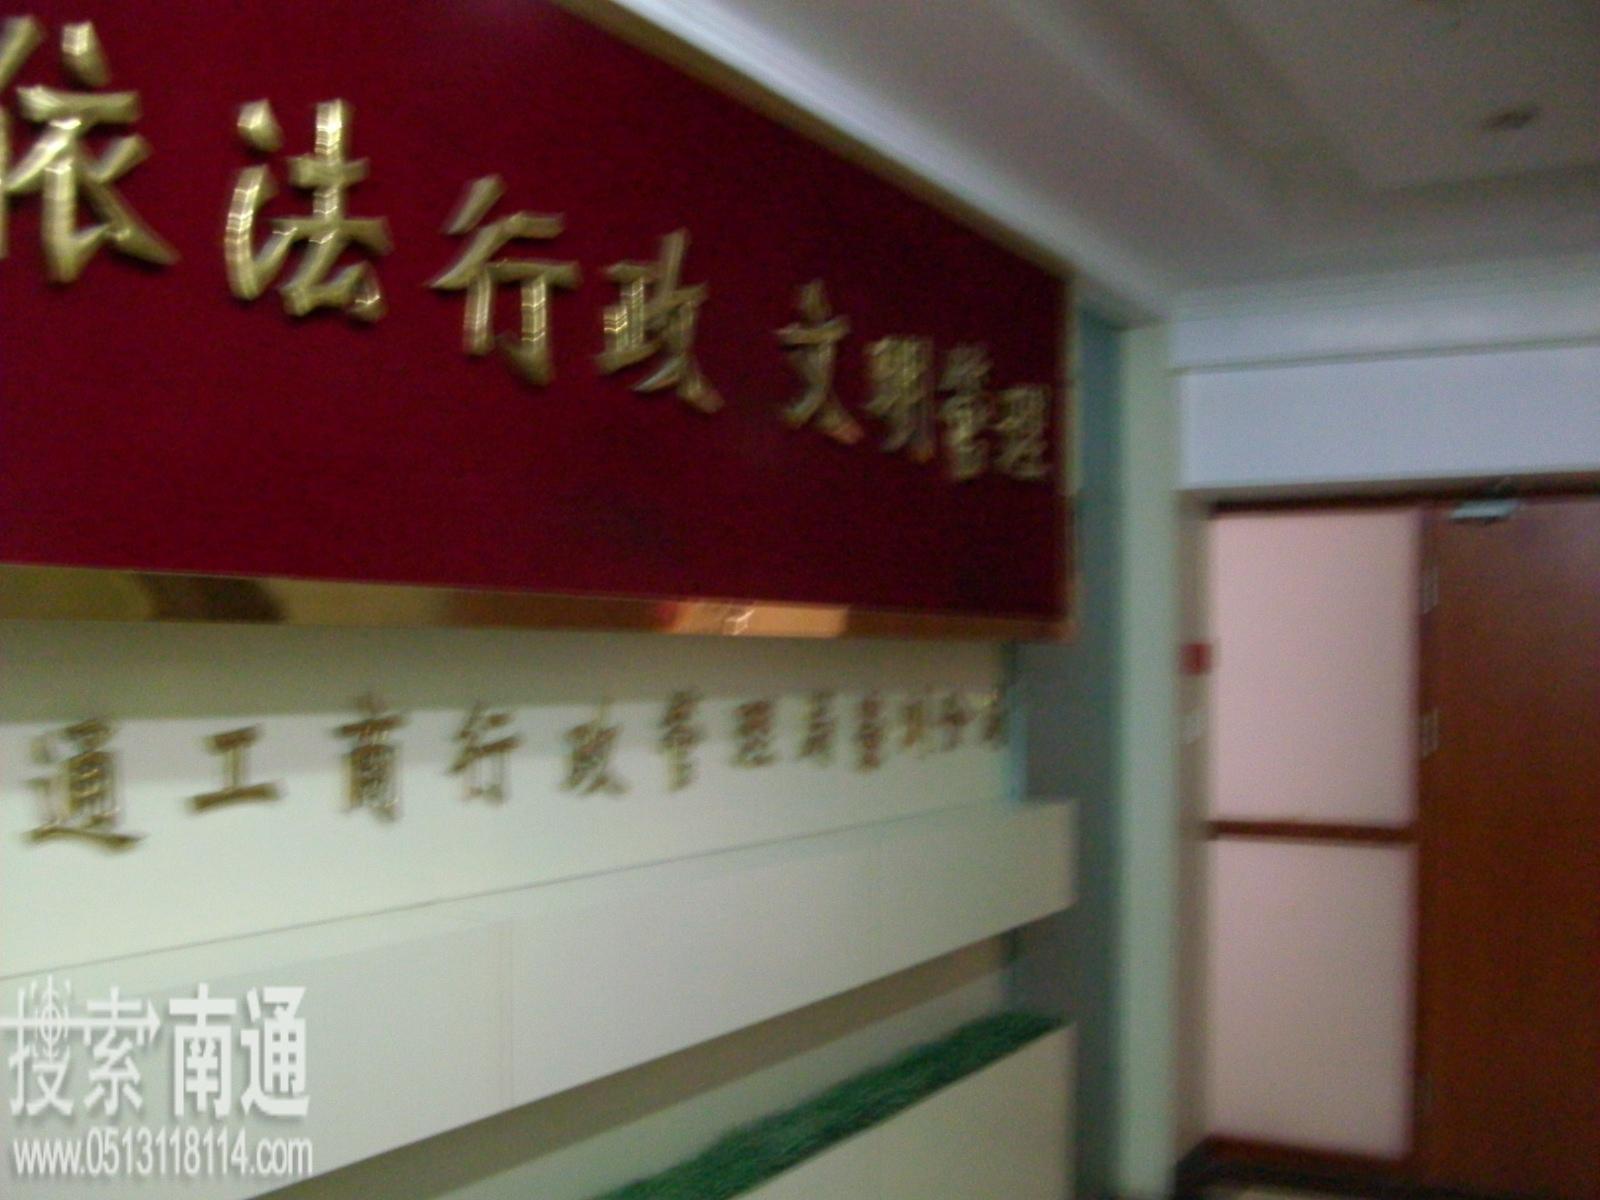 南通工商行政管理局崇川分局